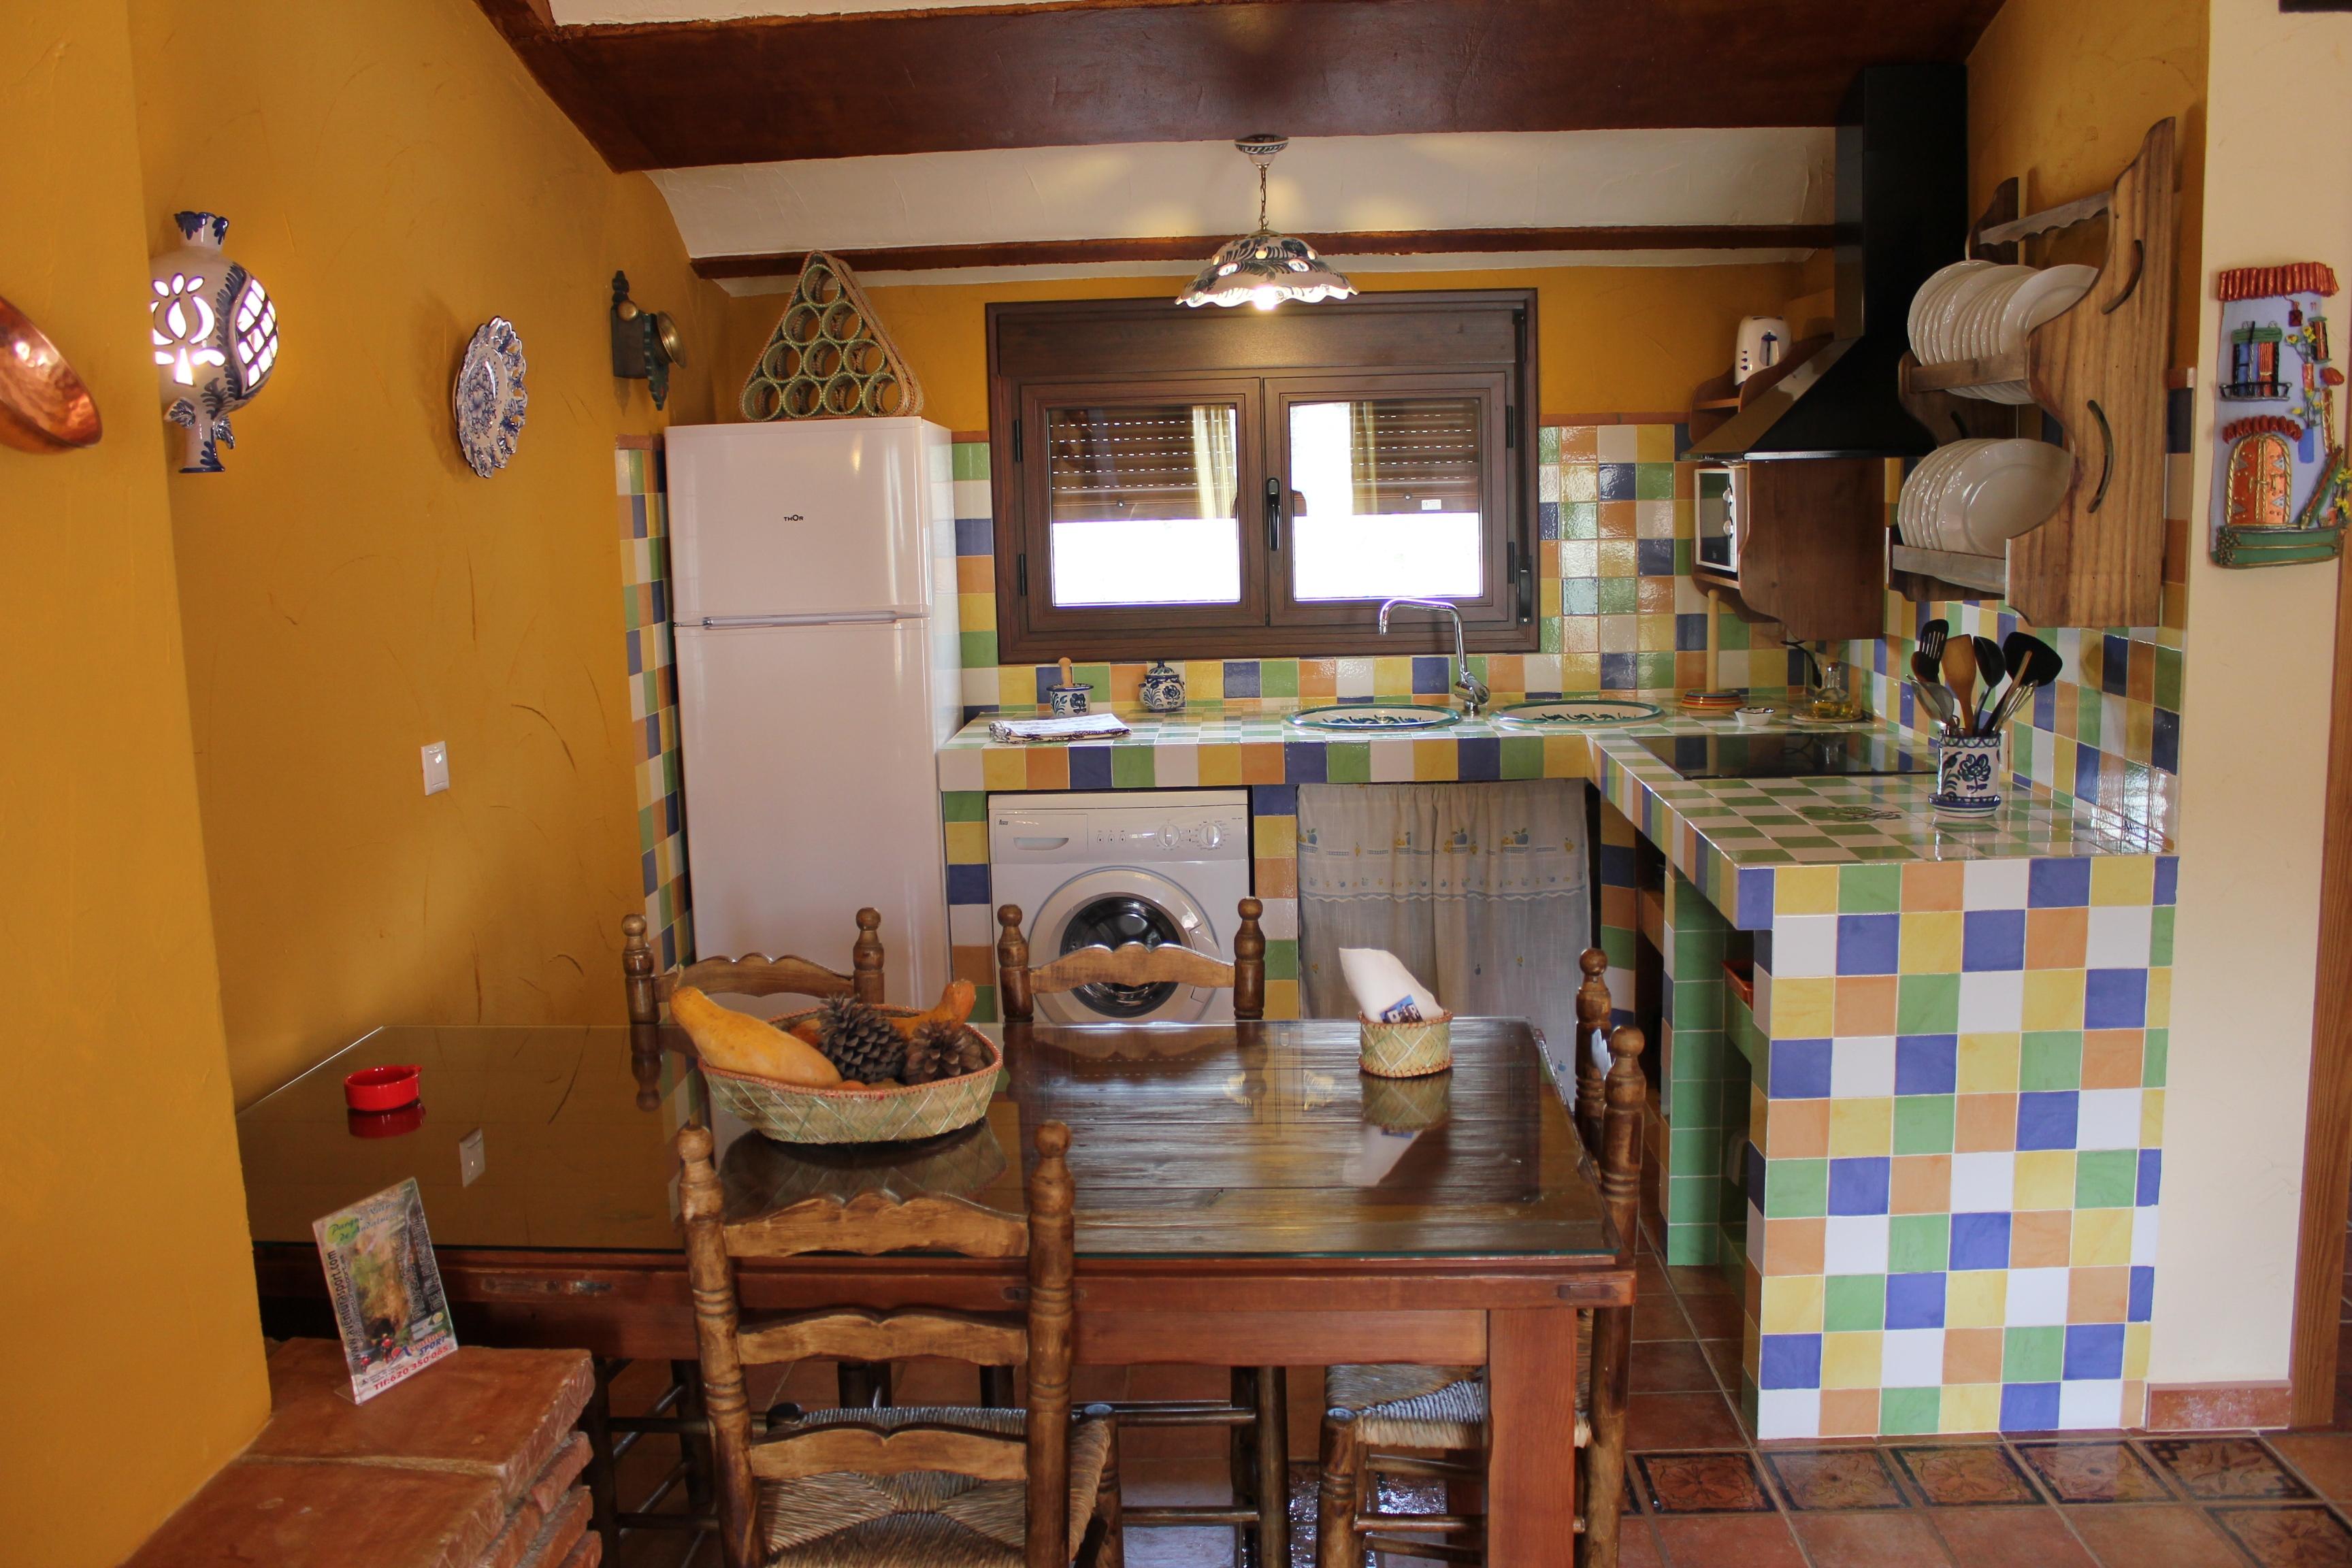 Casa la alacena hinojares sierra de cazorla ruralcazorla for La cocina en casa